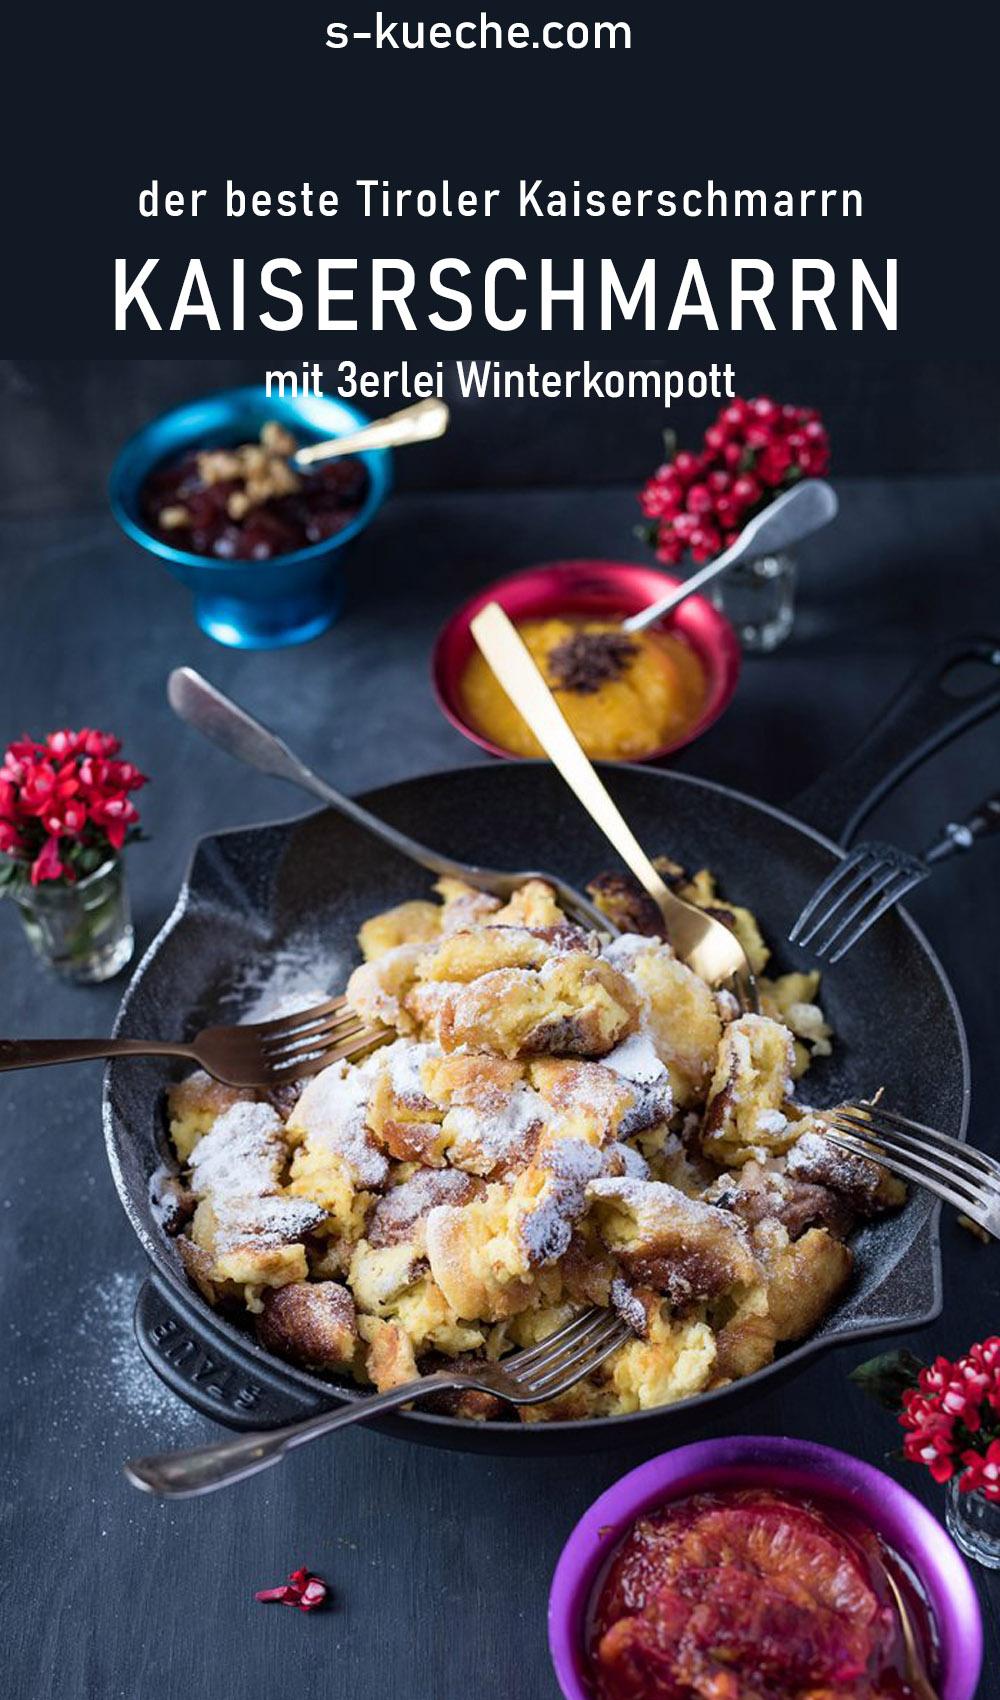 Original Rezept aus Tirol - Der beste Kaiserschmarrnmit Orangenröster und Rotweinbirnen. Rezept aus Östereich, fluffig, einfach, gelingsicher, Dessert, #mehlspeise, #rezept #kaiserschmarrn #tirolerküche #österreich #dessert #nachspeise